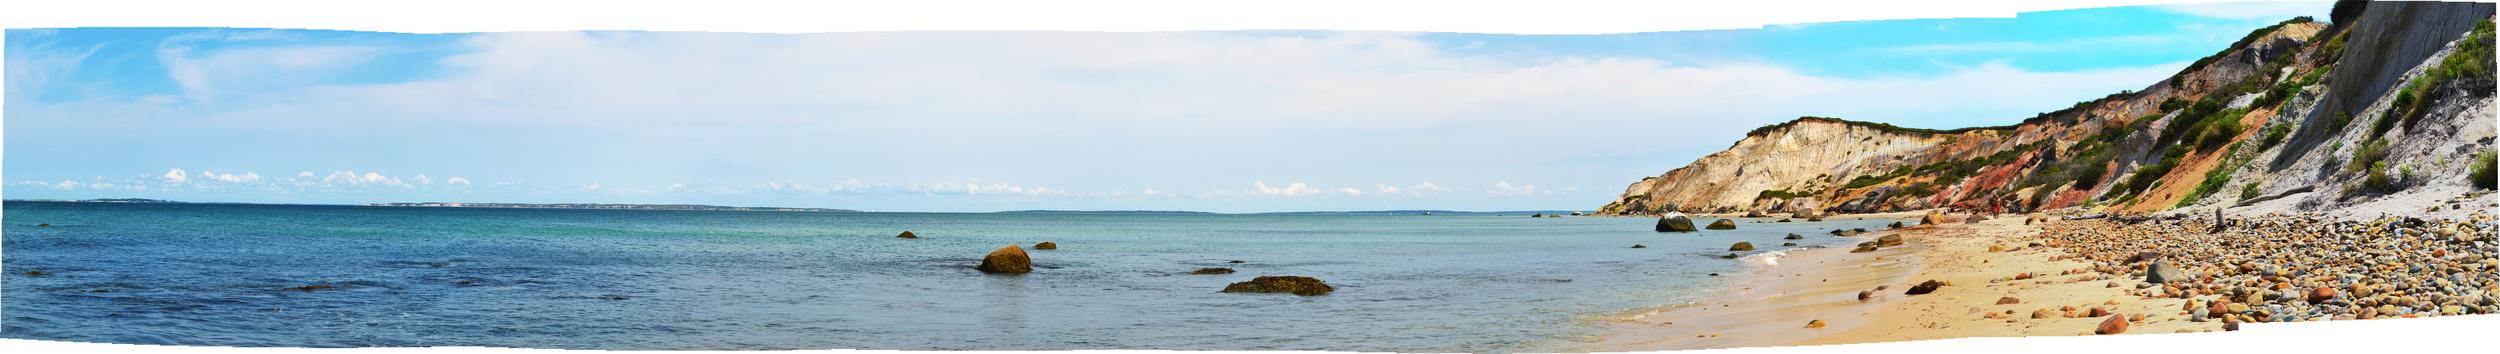 Aquinnah Beach, Martha's Vineyard, MA, August 2014